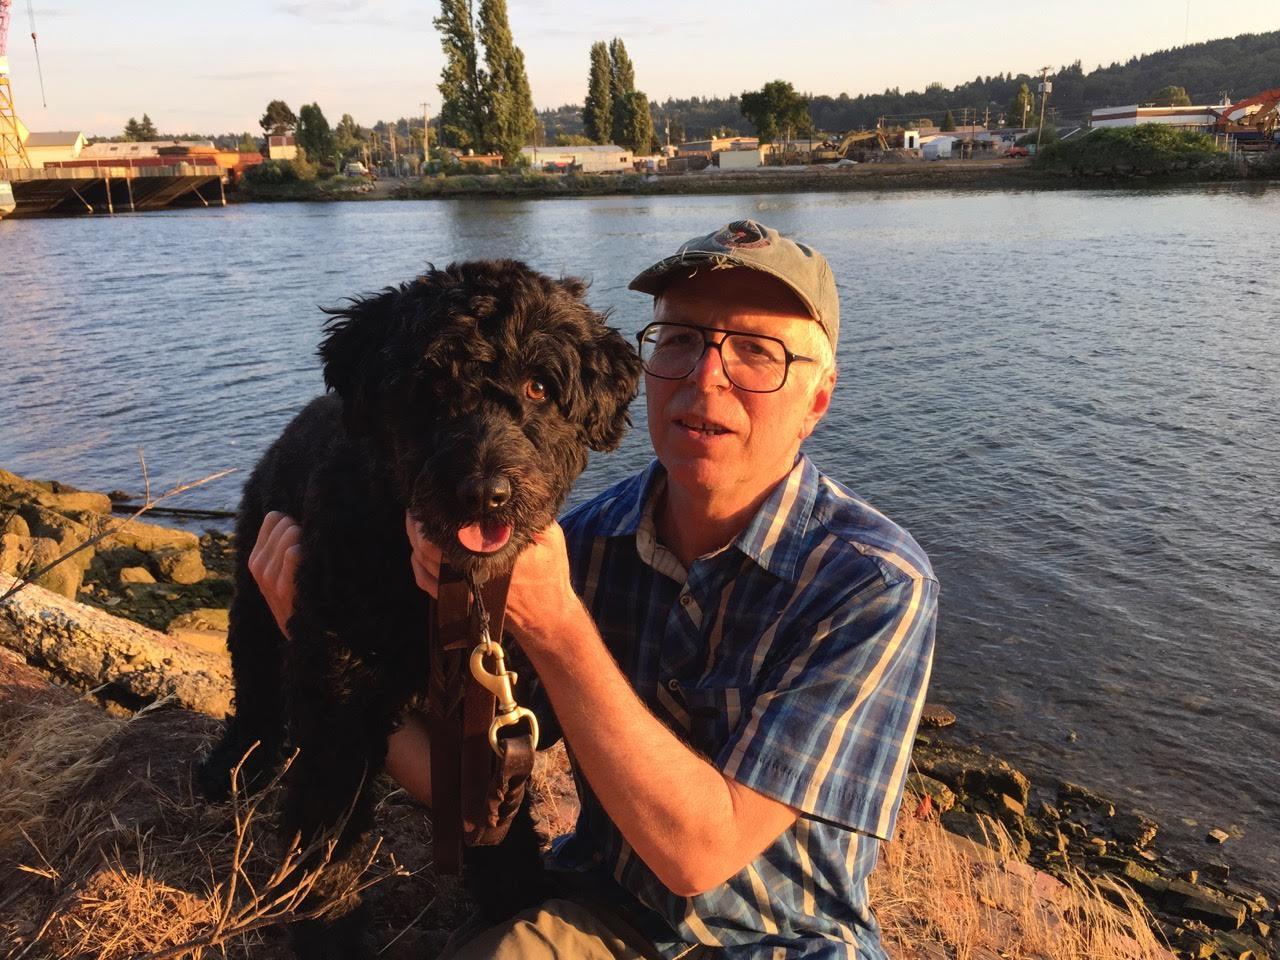 Doug Nufer and his dog